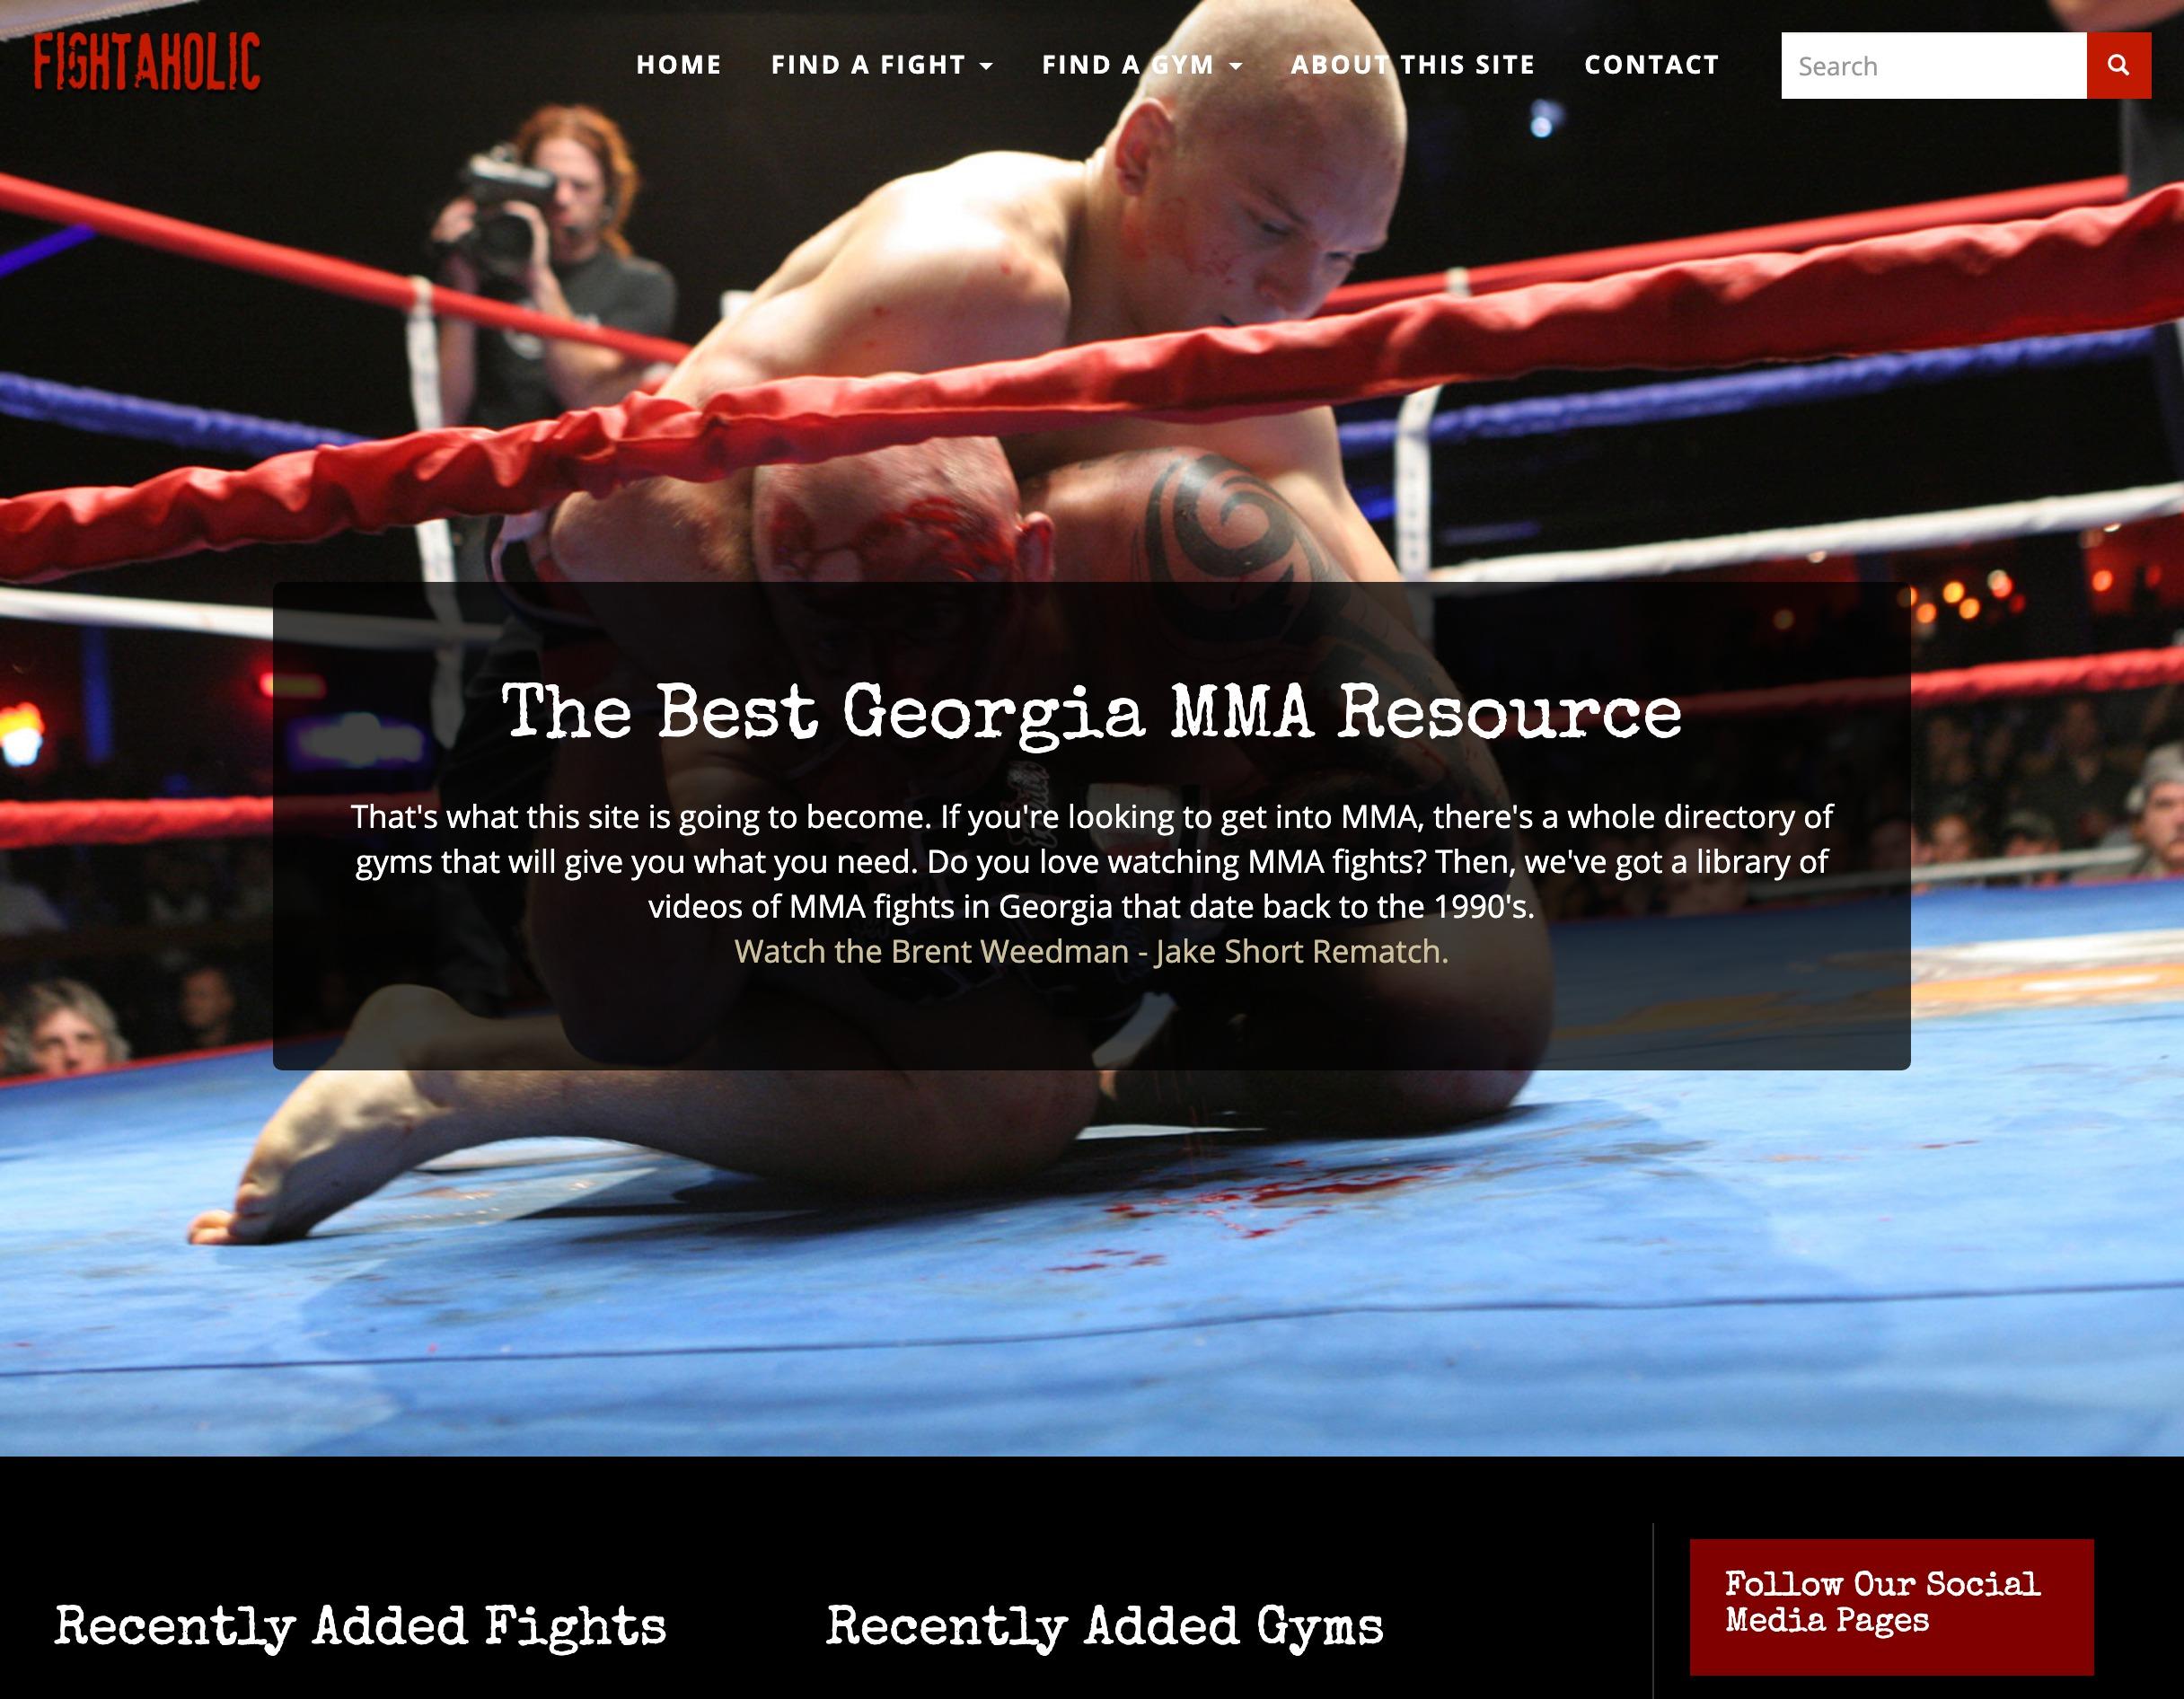 fightaholic-mma-georgia-desktop-web-design-1